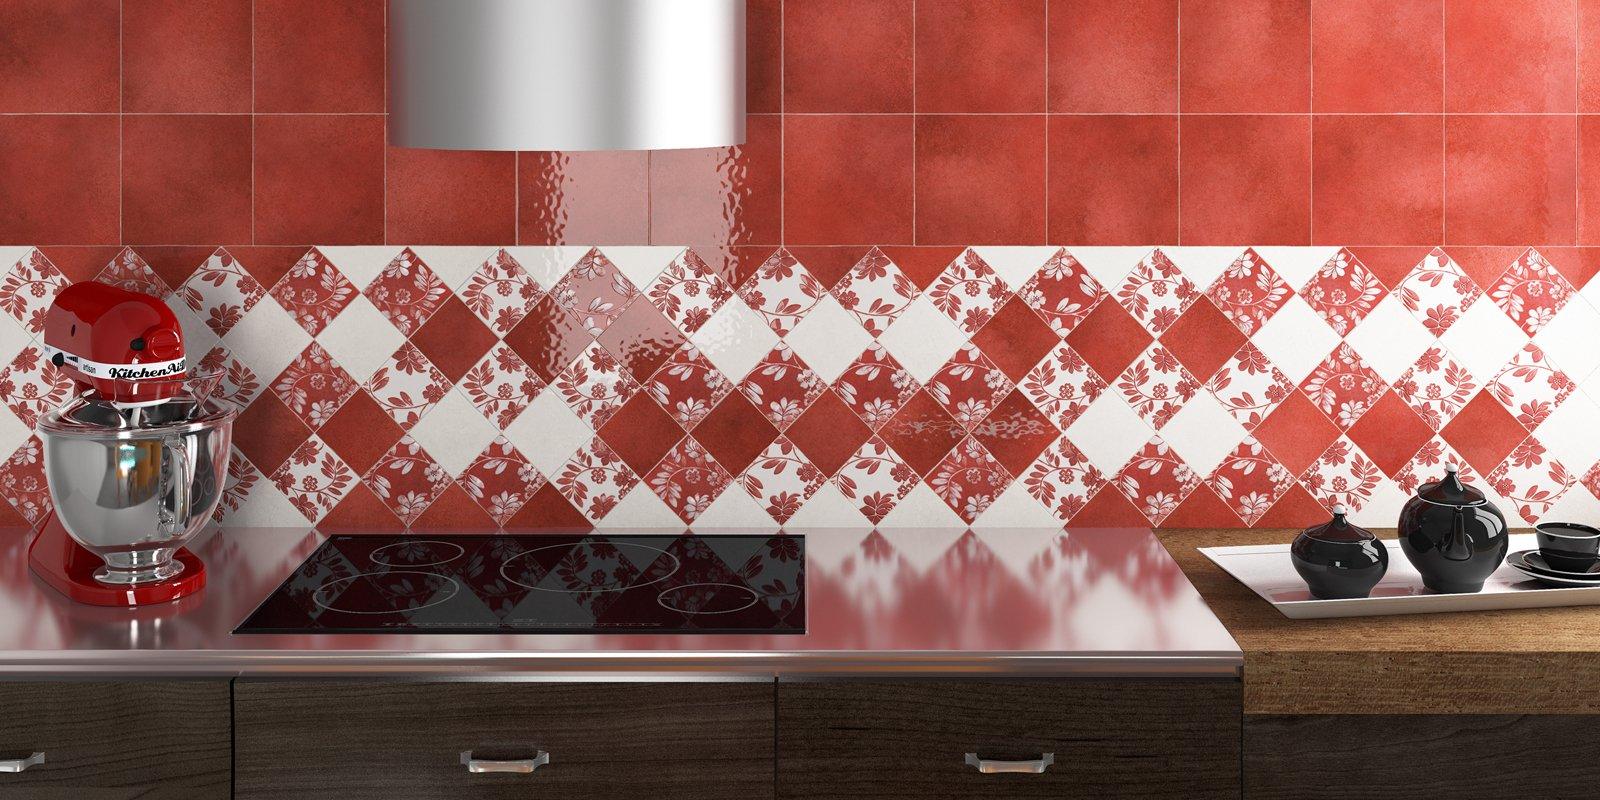 Cucina piastrelle per le pareti cose di casa - Piastrelle cucina rosse ...